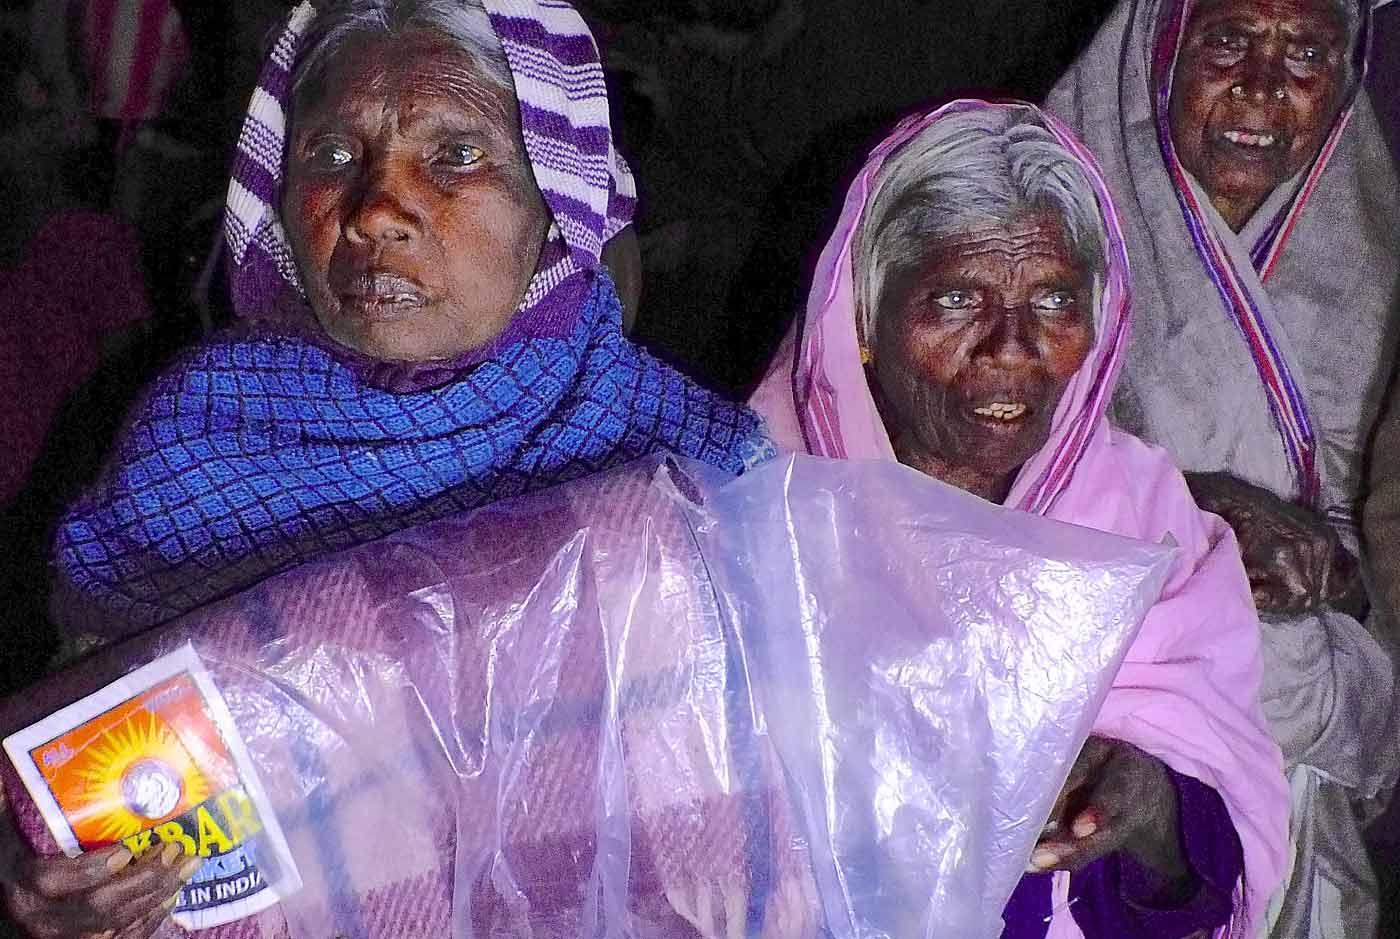 Women, blankets